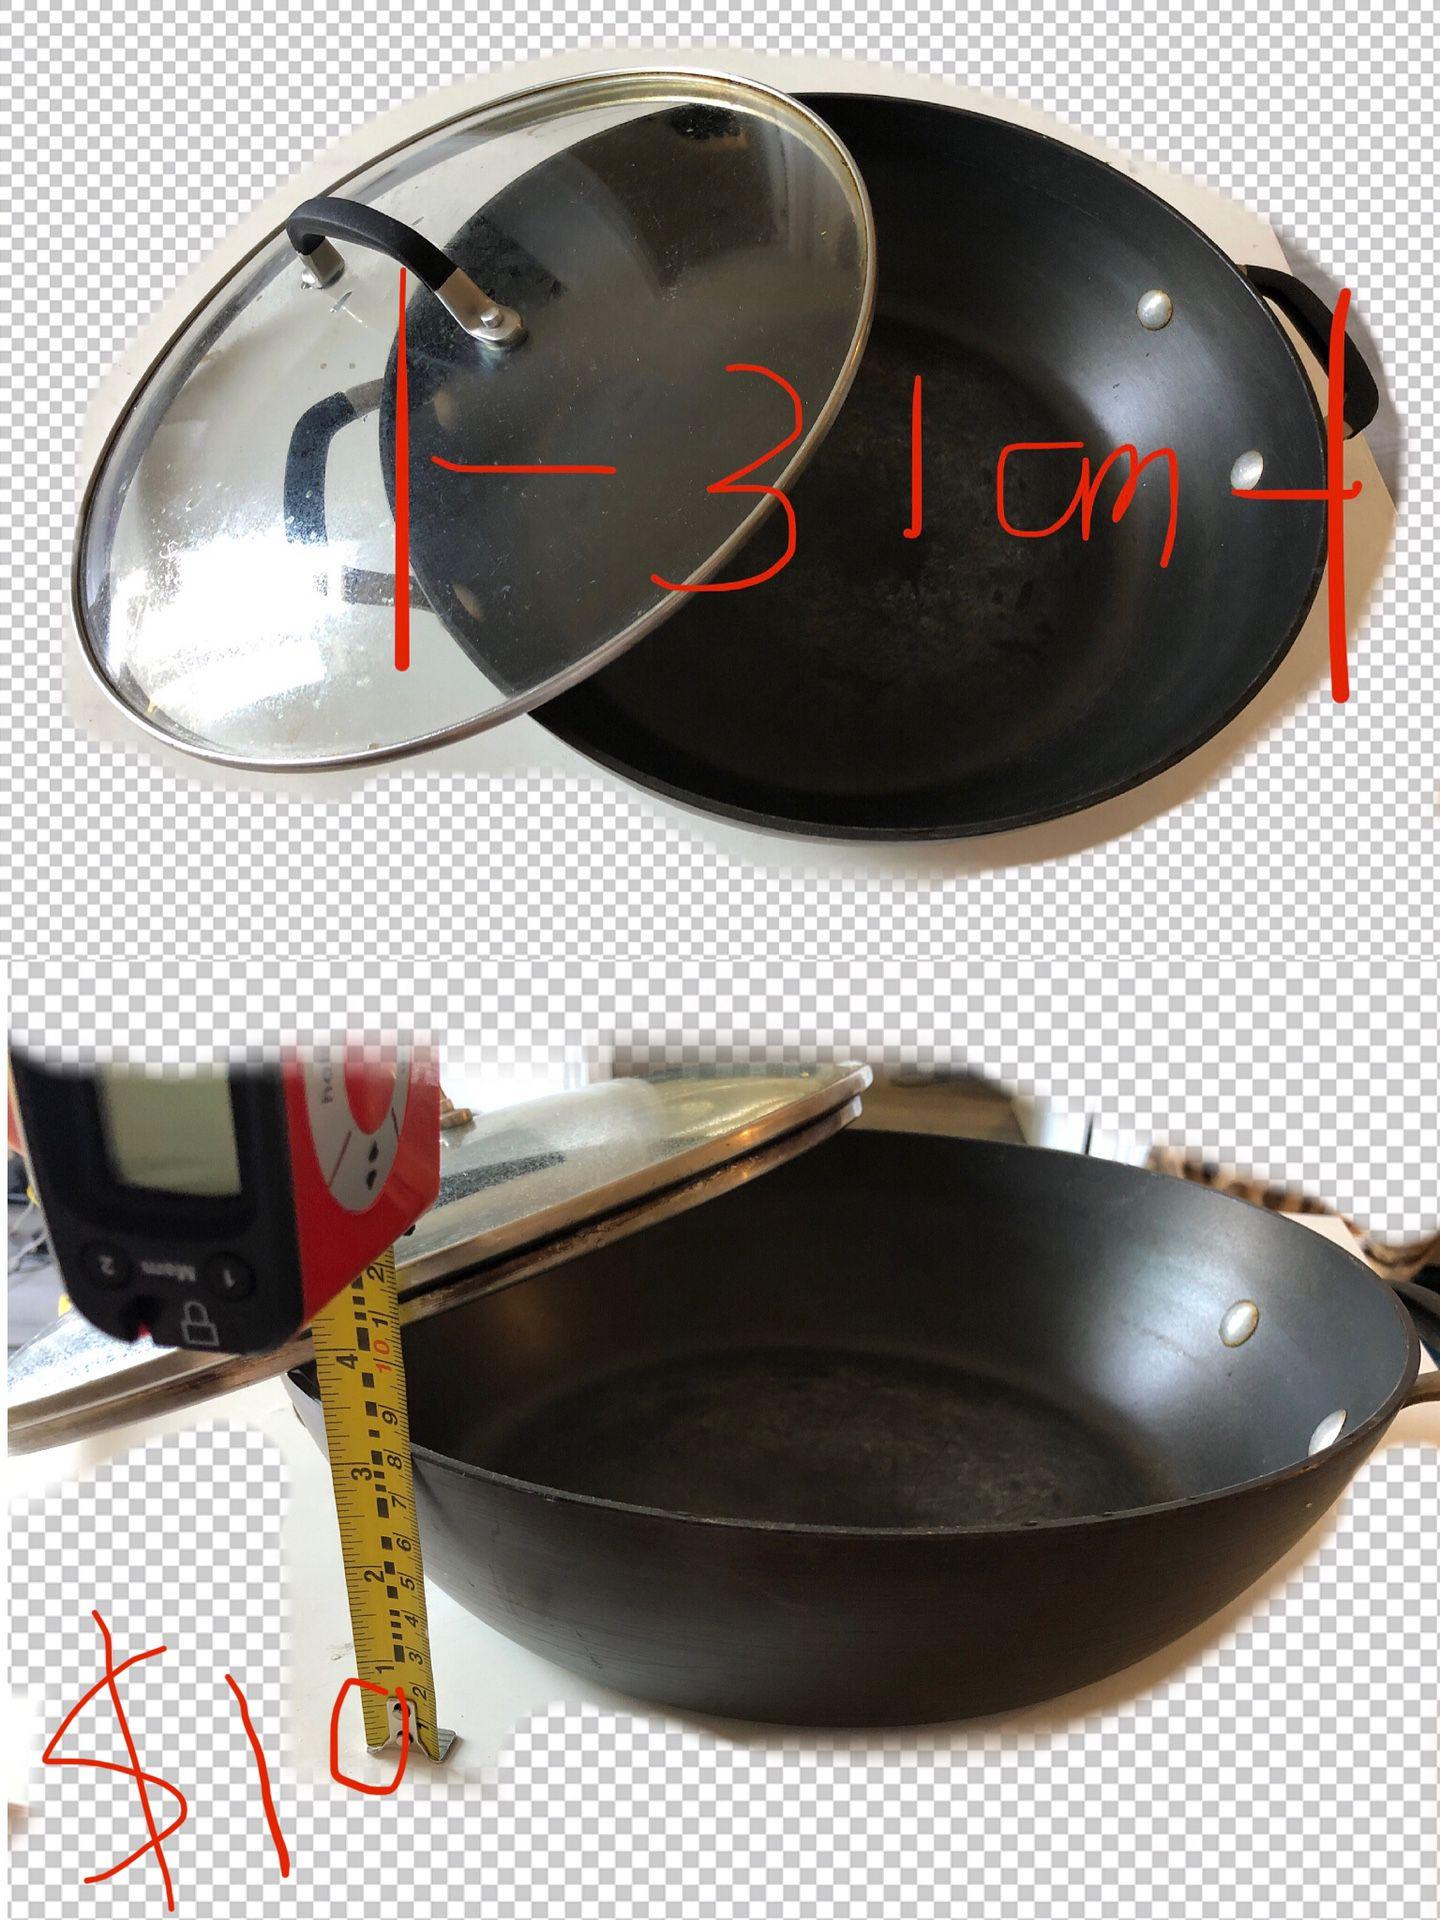 Calphalon Cookware x 3